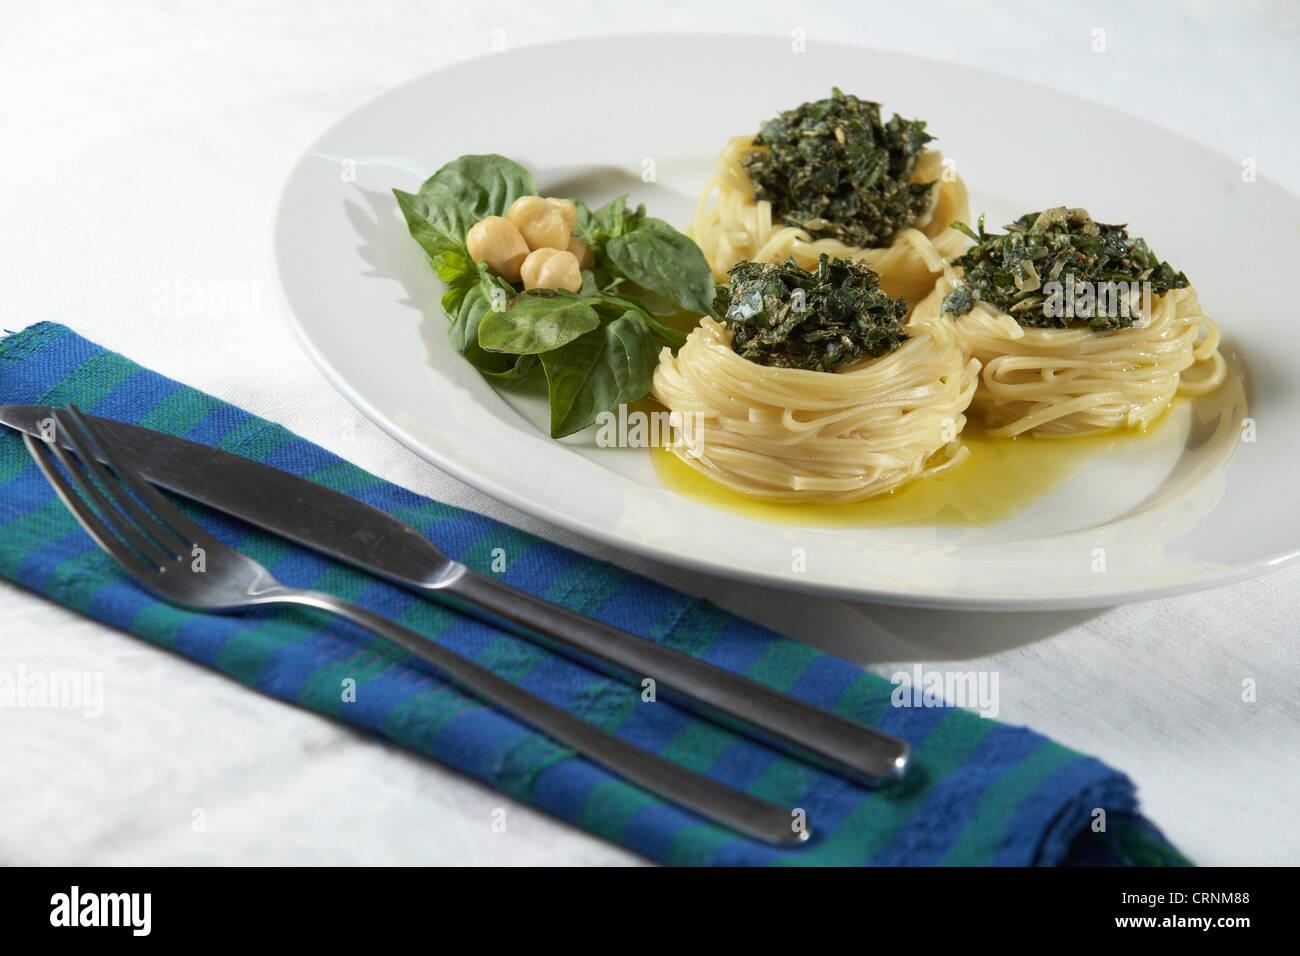 Pesto pasta with macadamia nuts. - Stock Image